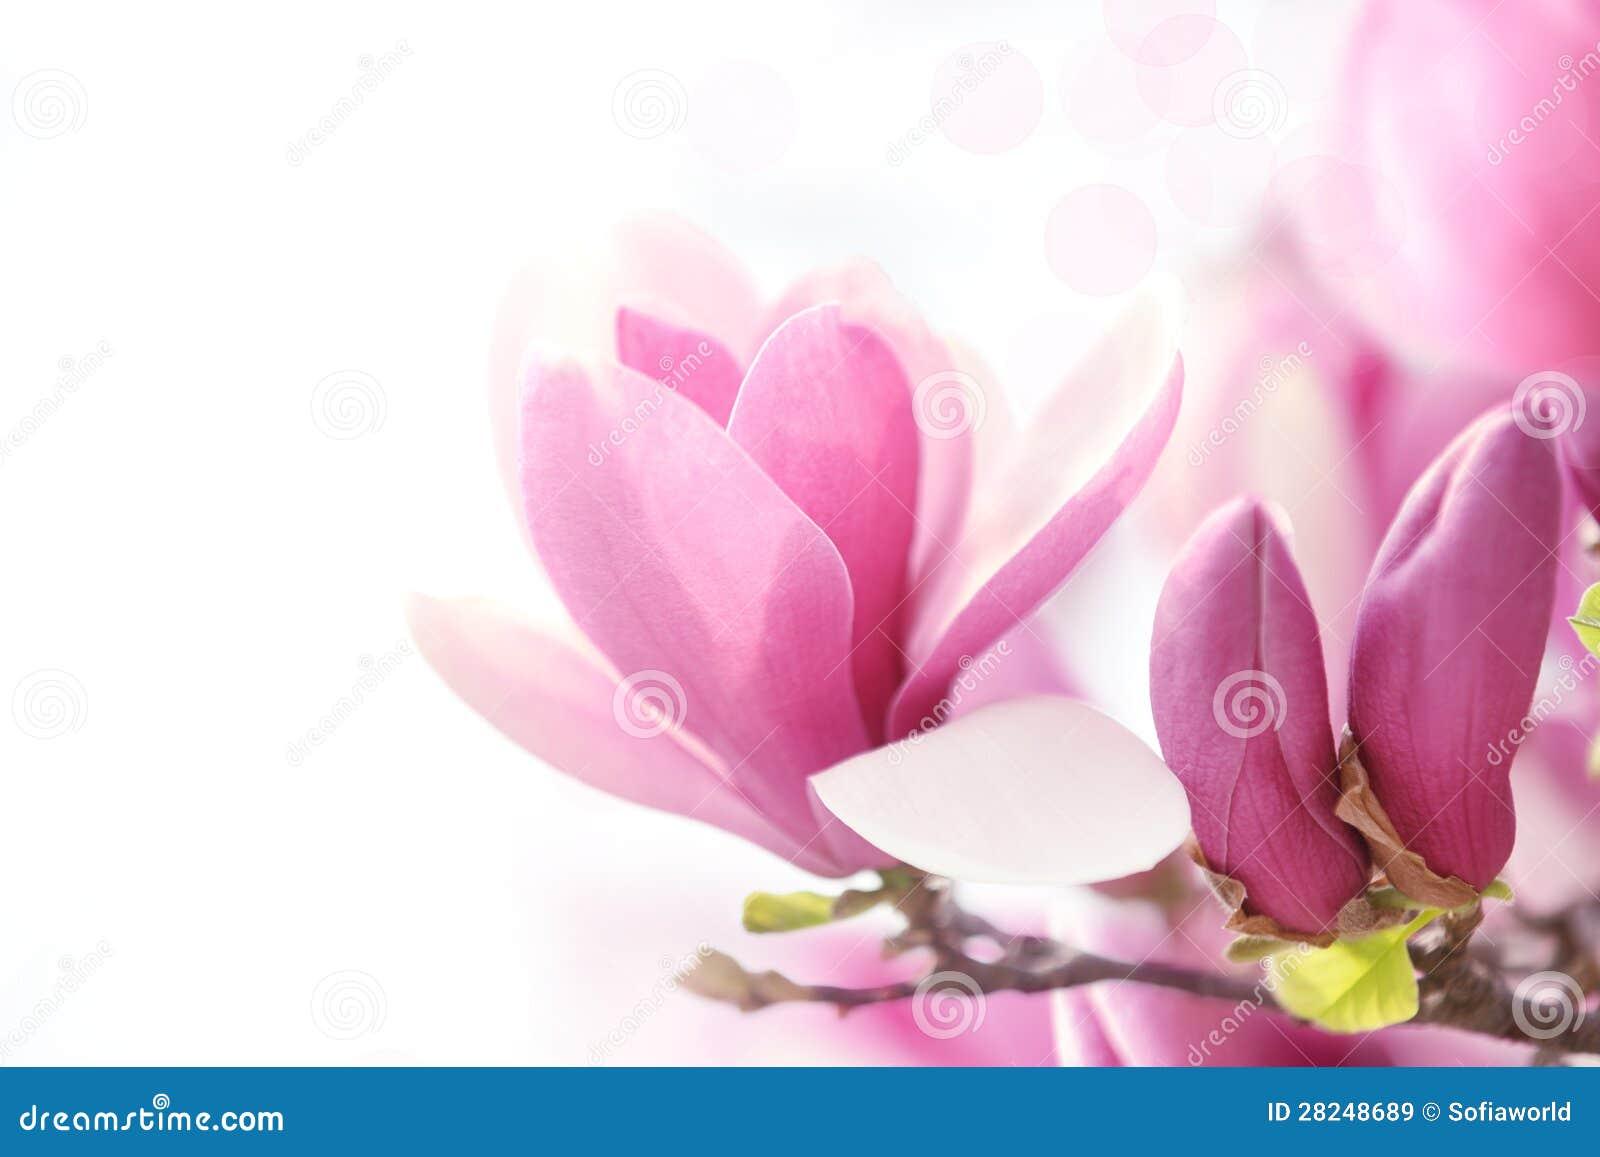 Fiore rosa della magnolia immagine stock immagine di for Magnolia pianta prezzi